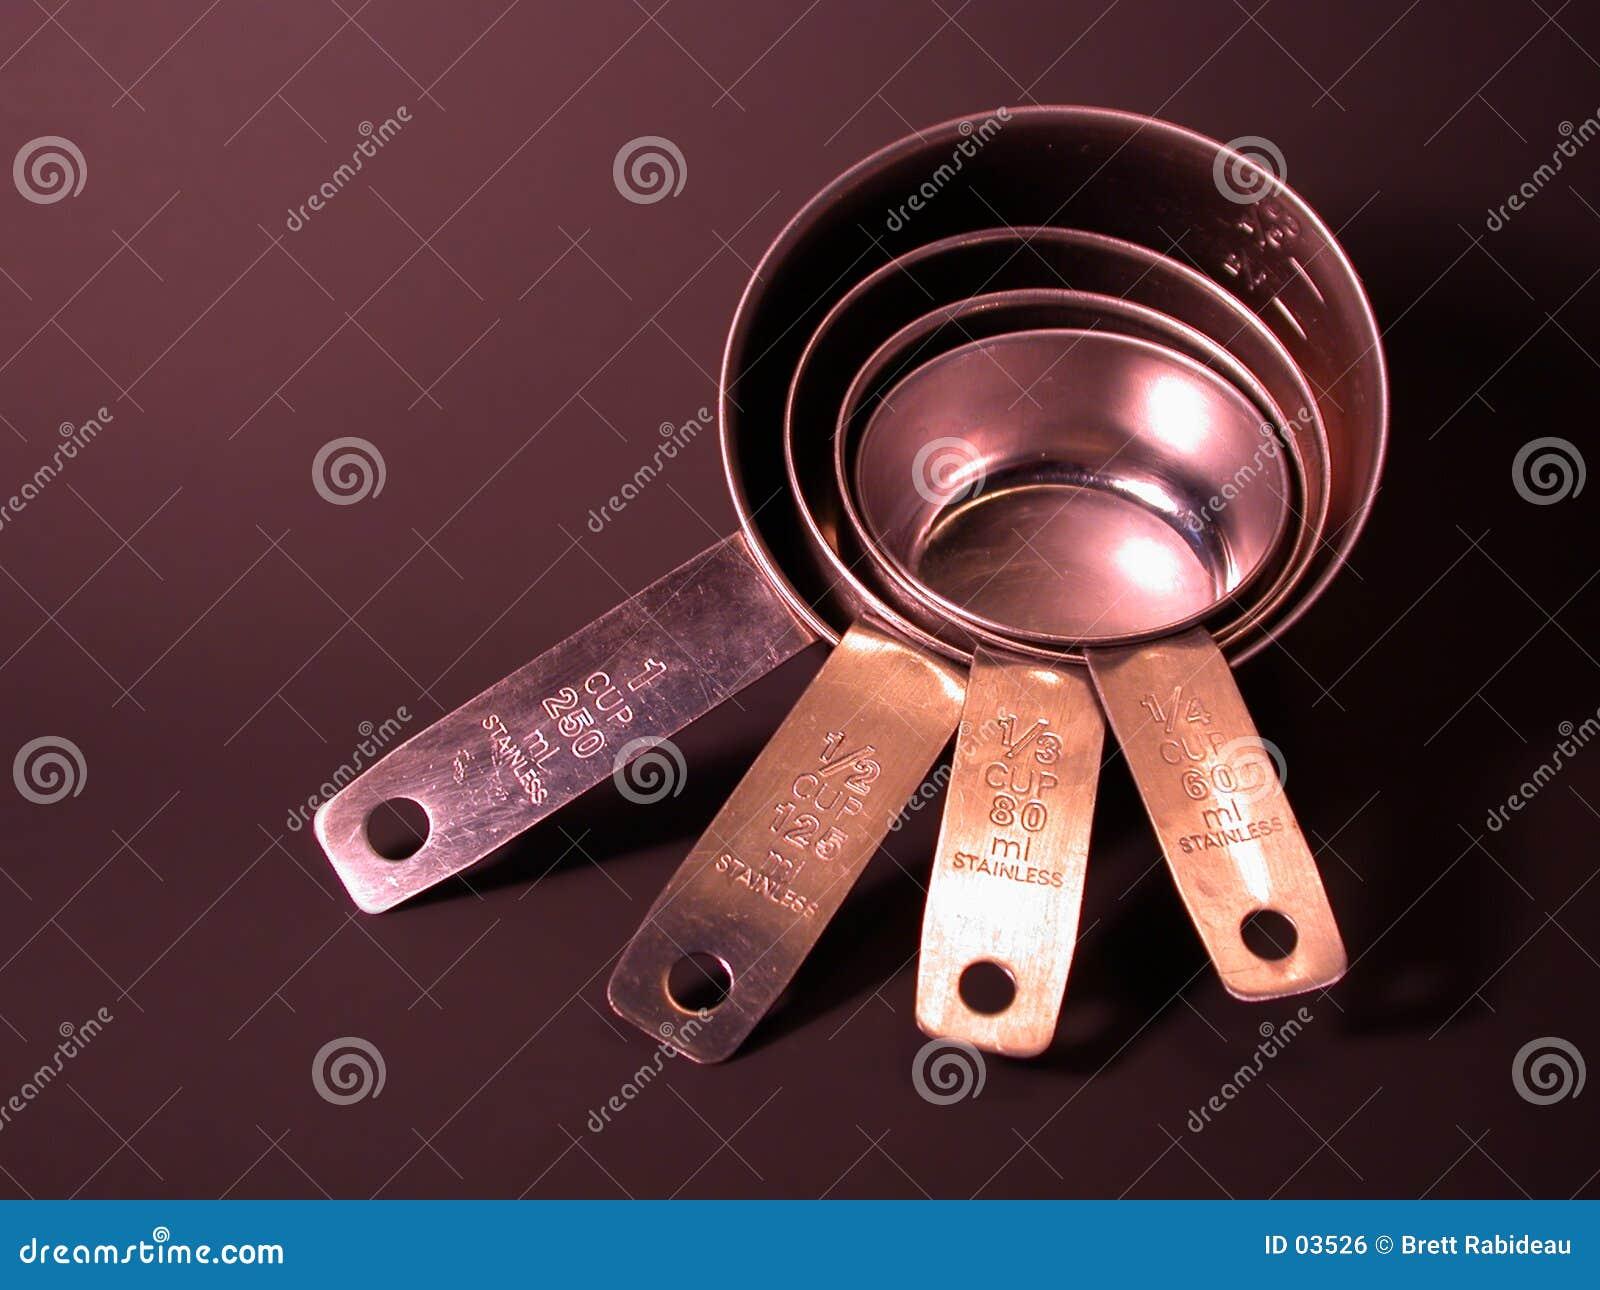 придает форму чашки измеряя нержавеющая сталь